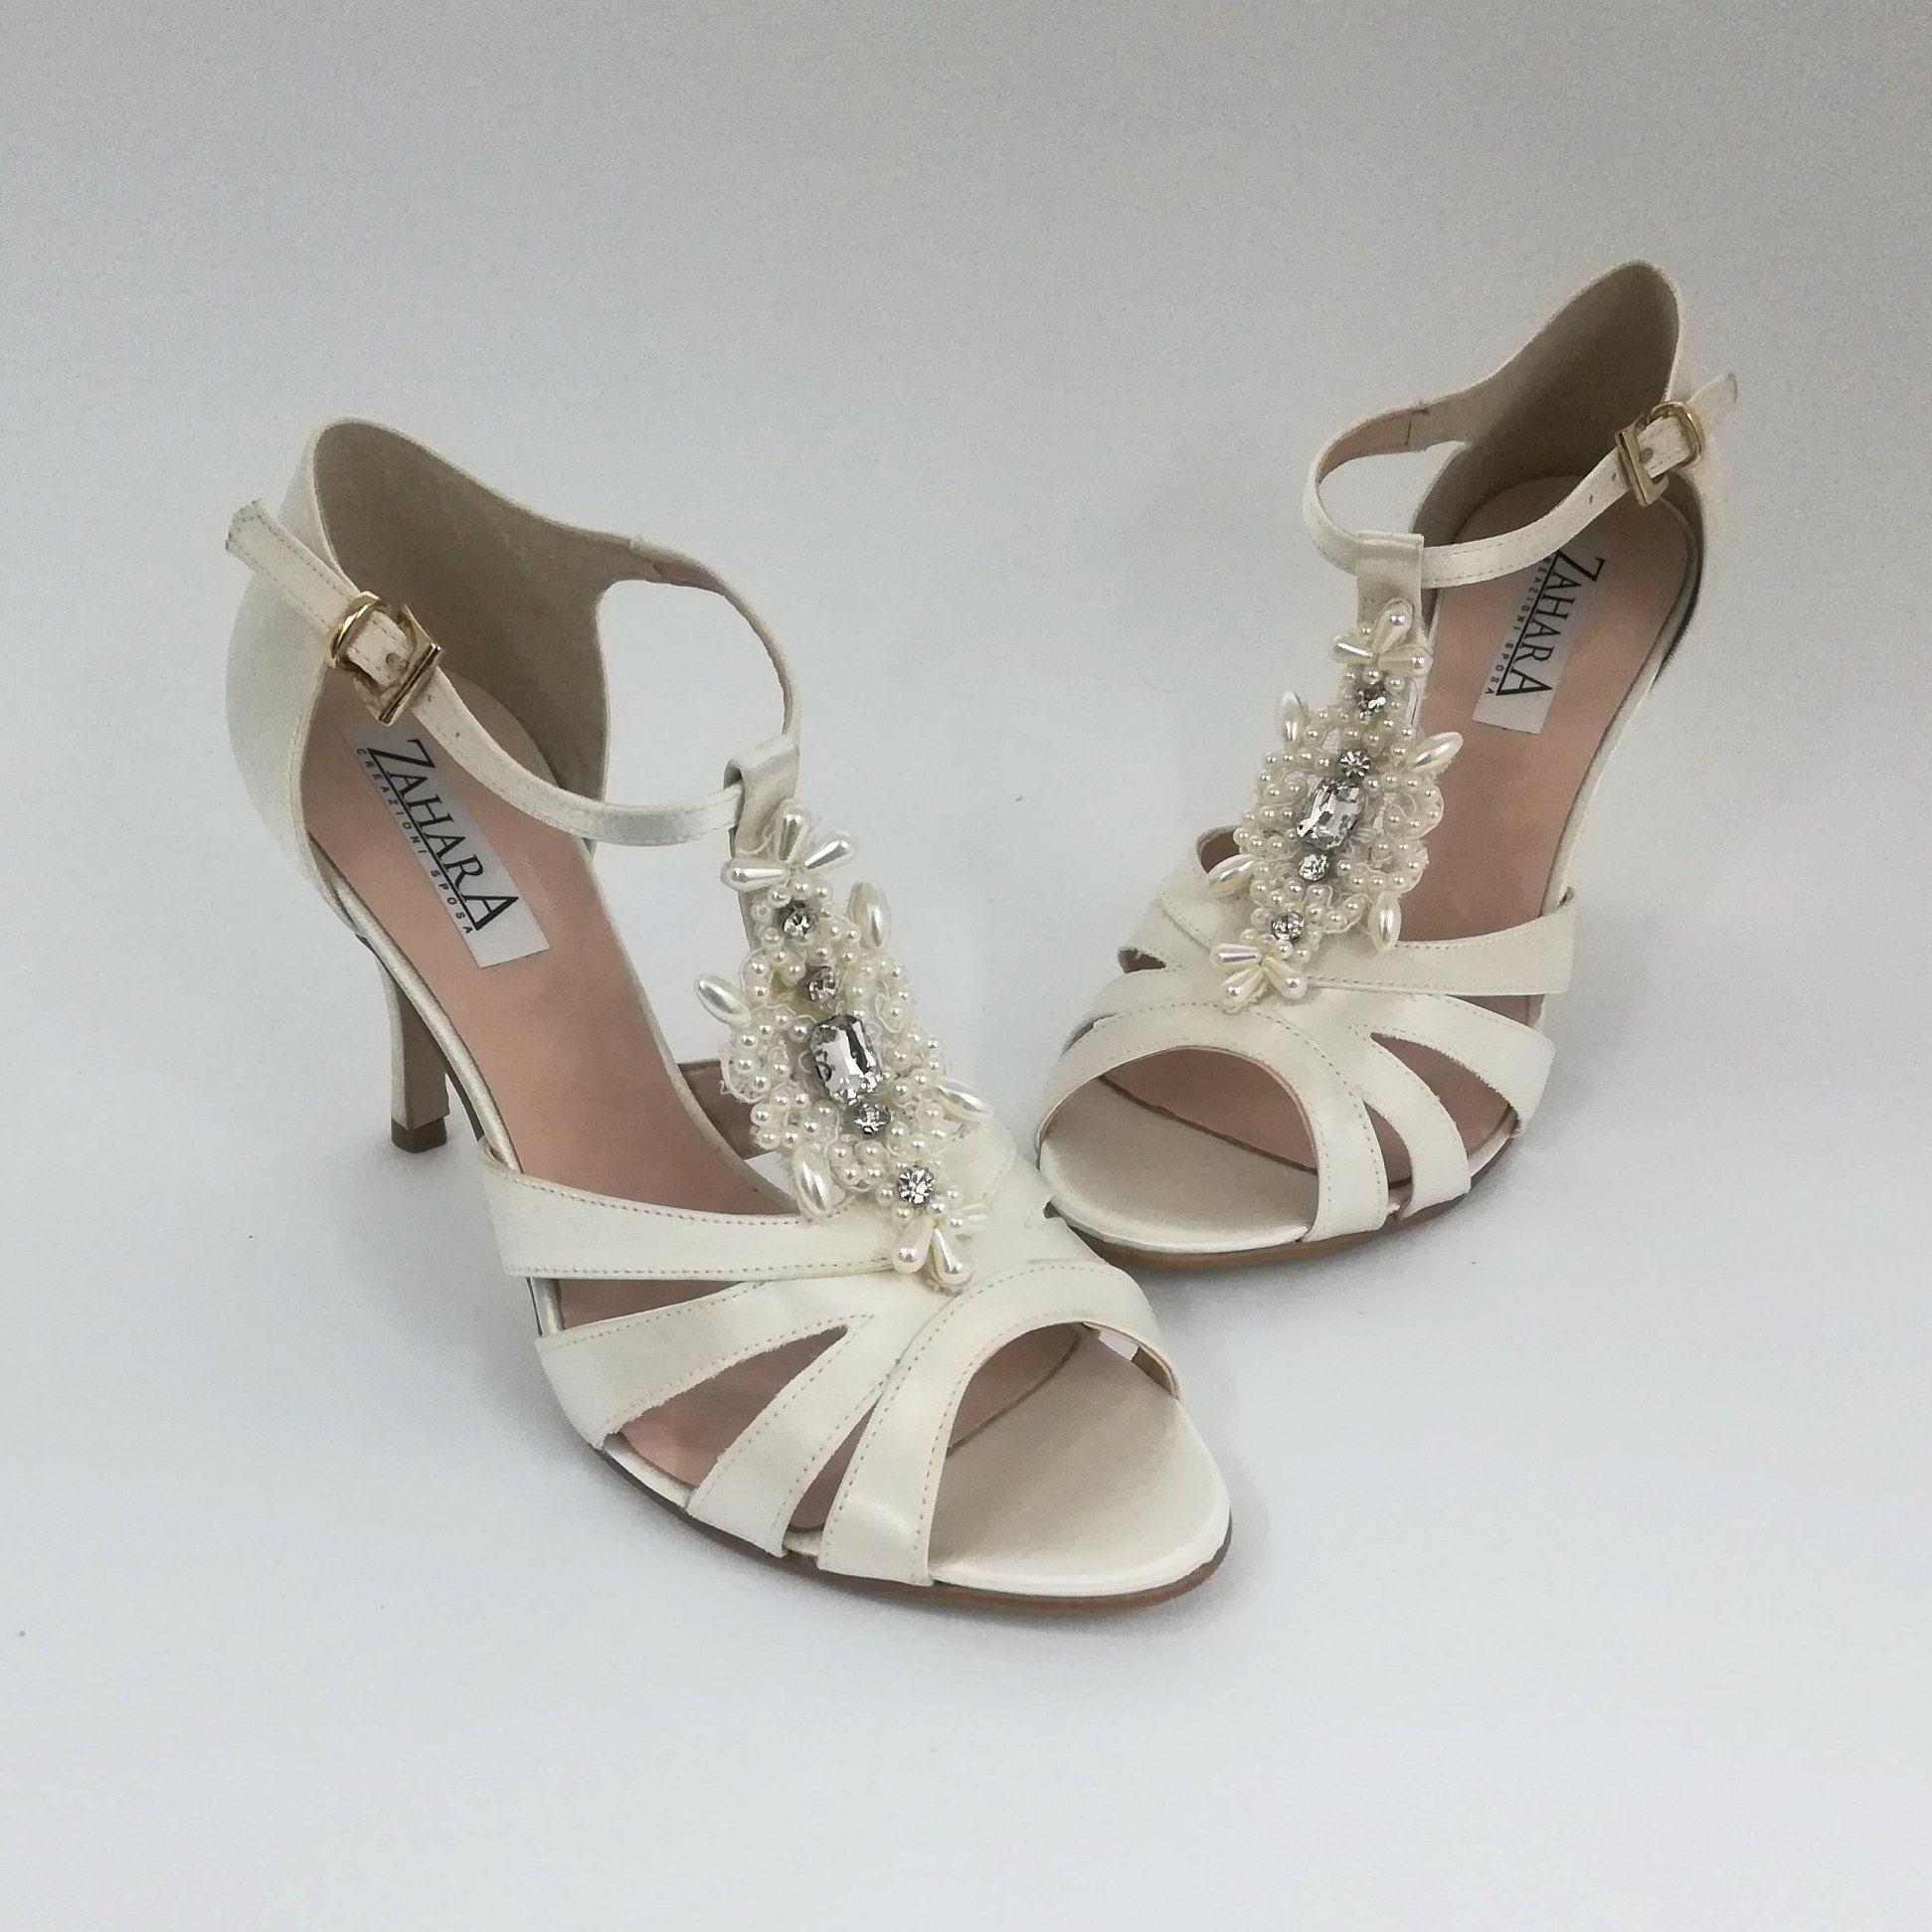 Scarpe Sposa Beige.Custom Made In Italy Bridal Shoes Scarpe Da Sposa Sandali Da